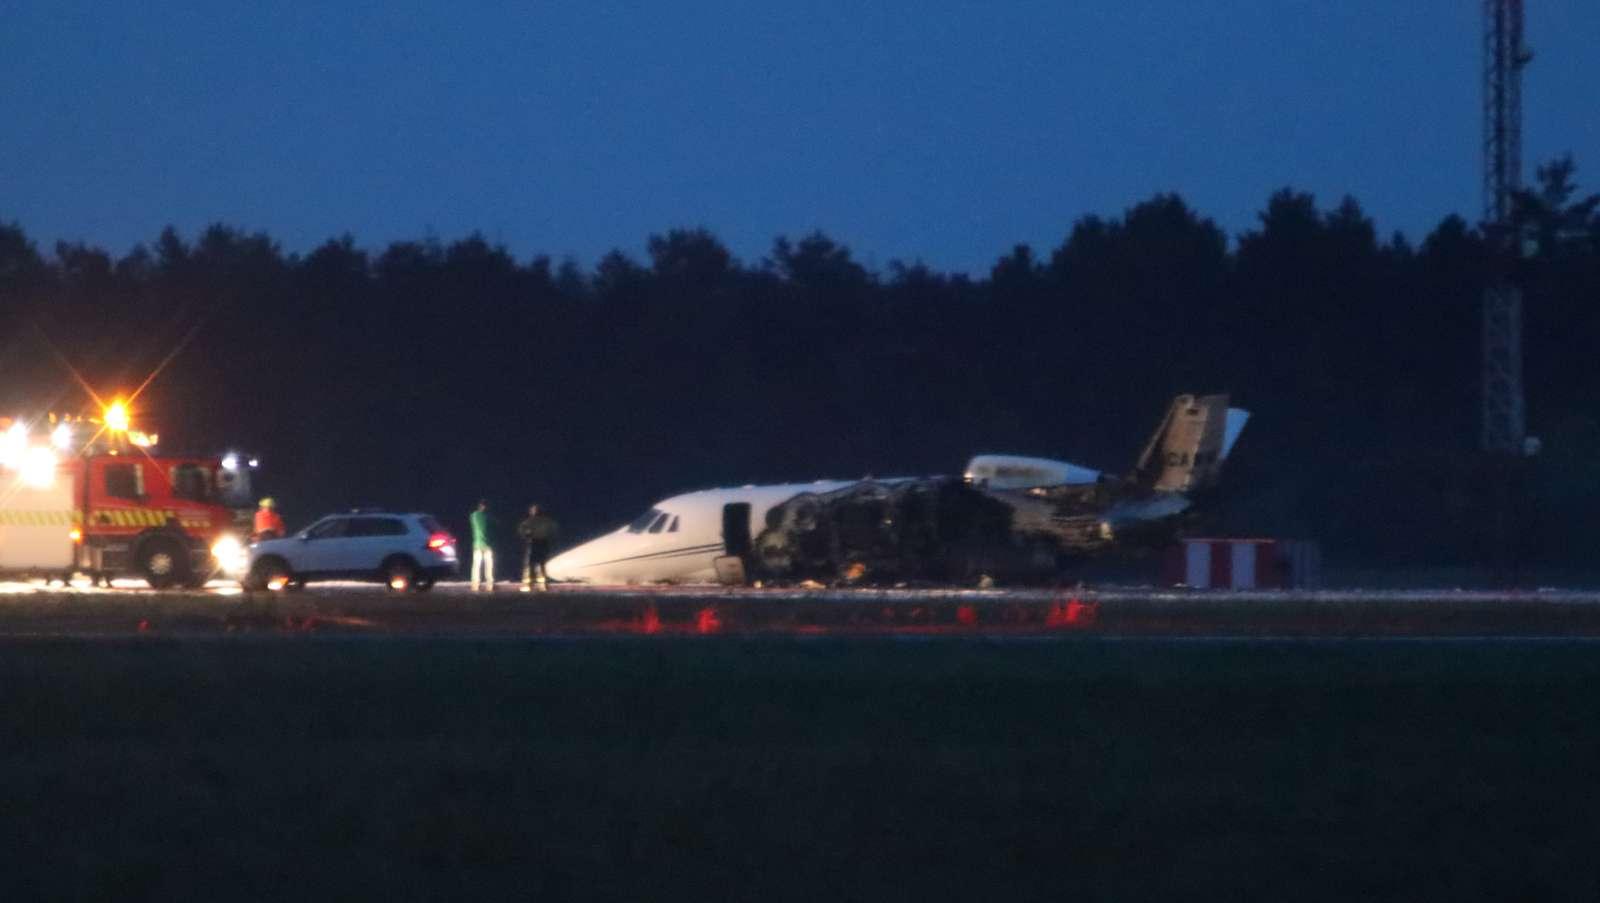 Cessna C560-flyet efter havariet i Aarhus Lufthavn. (Foto: Per Øxenholt)